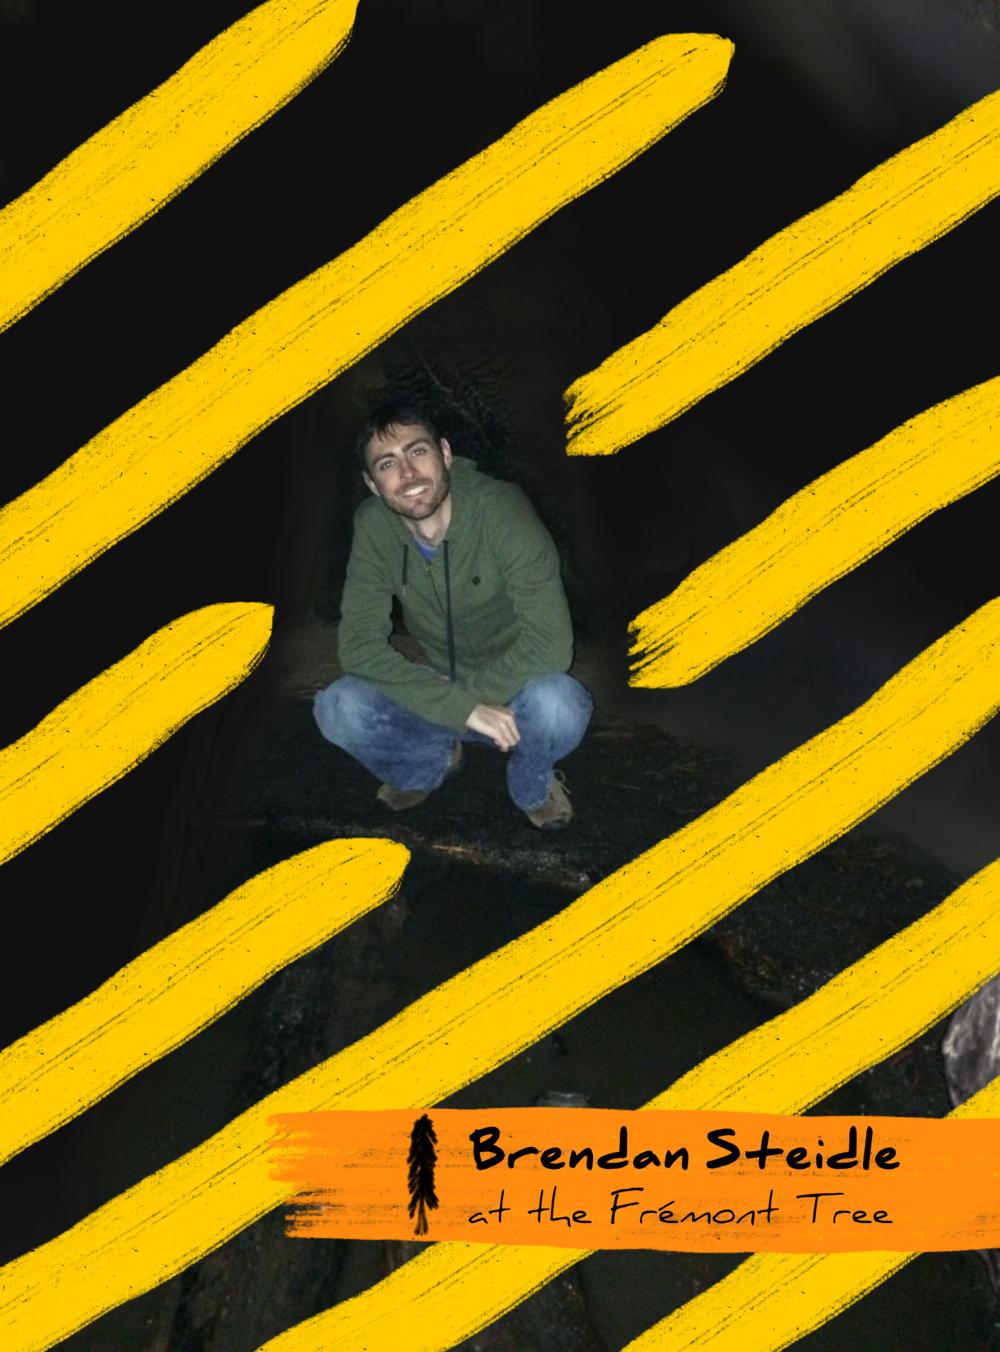 Brendan Portrait